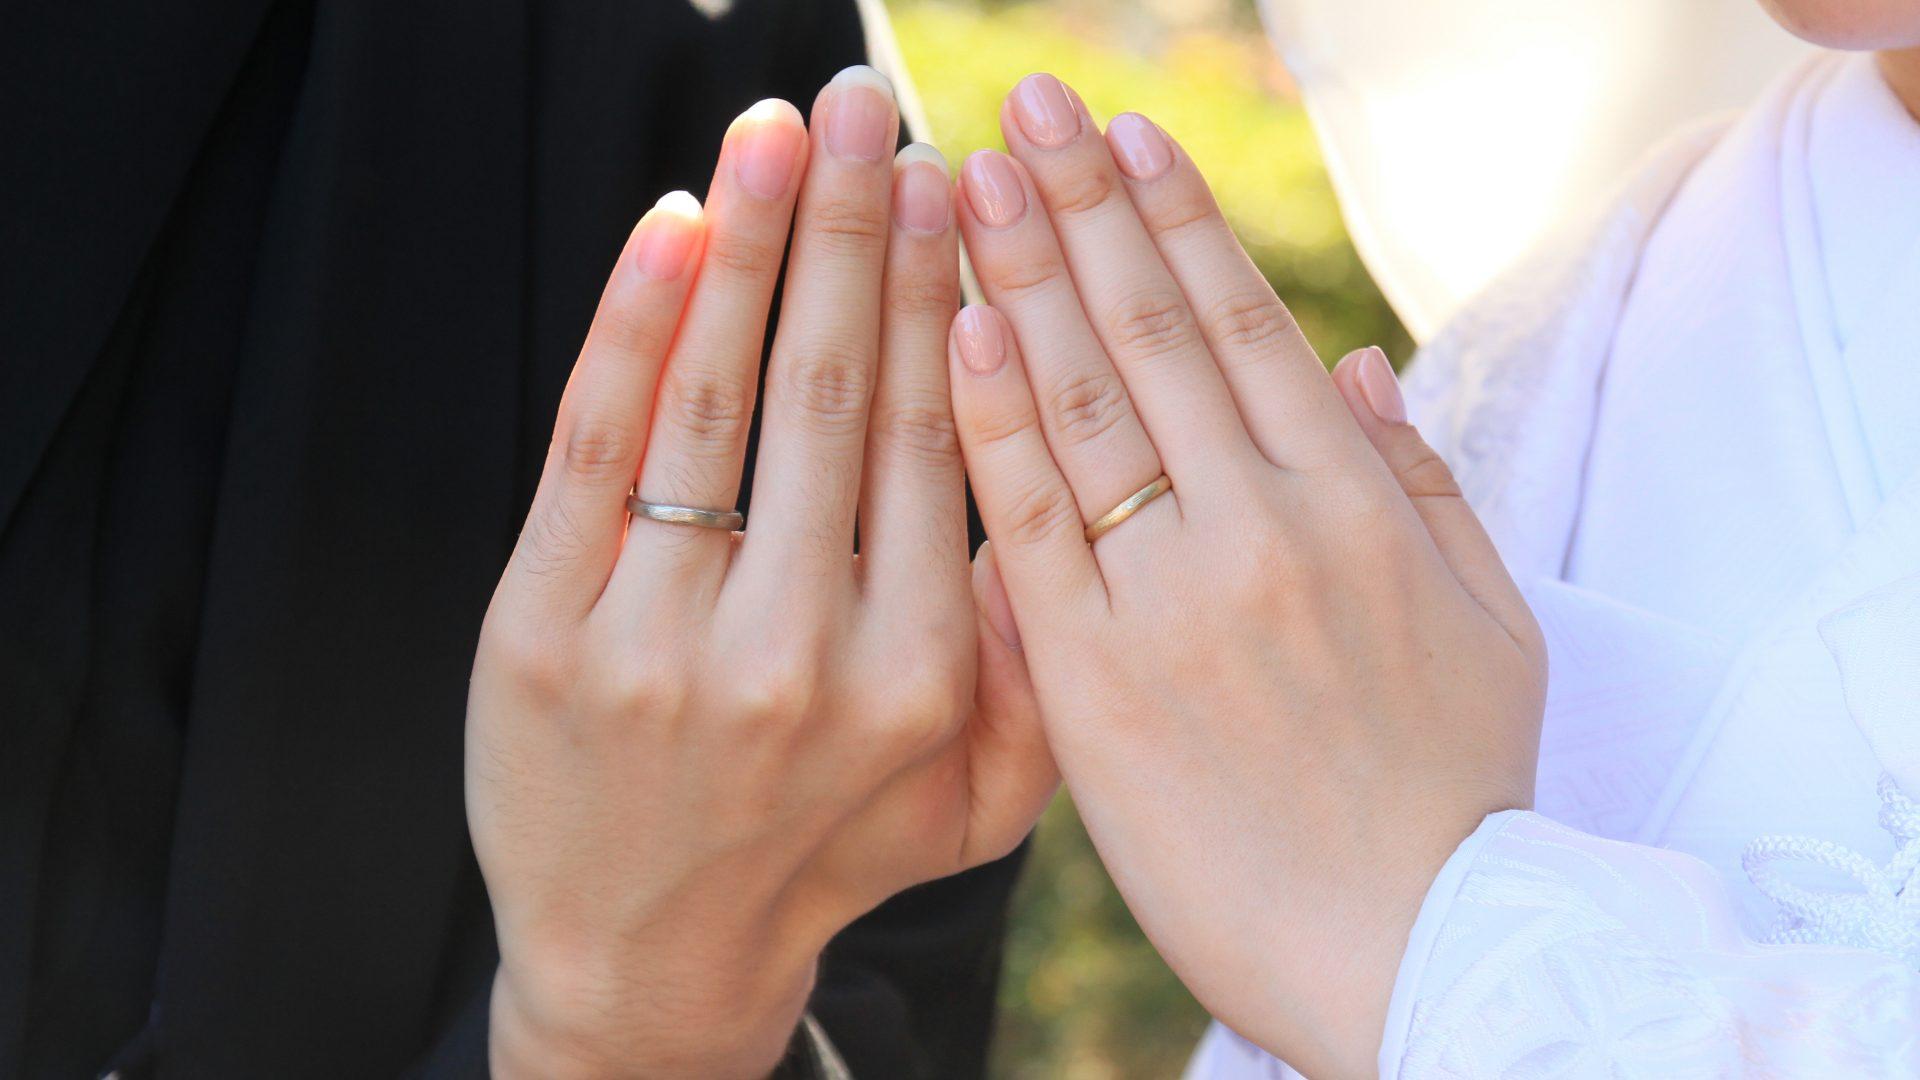 手作り指輪のいろは 大阪編